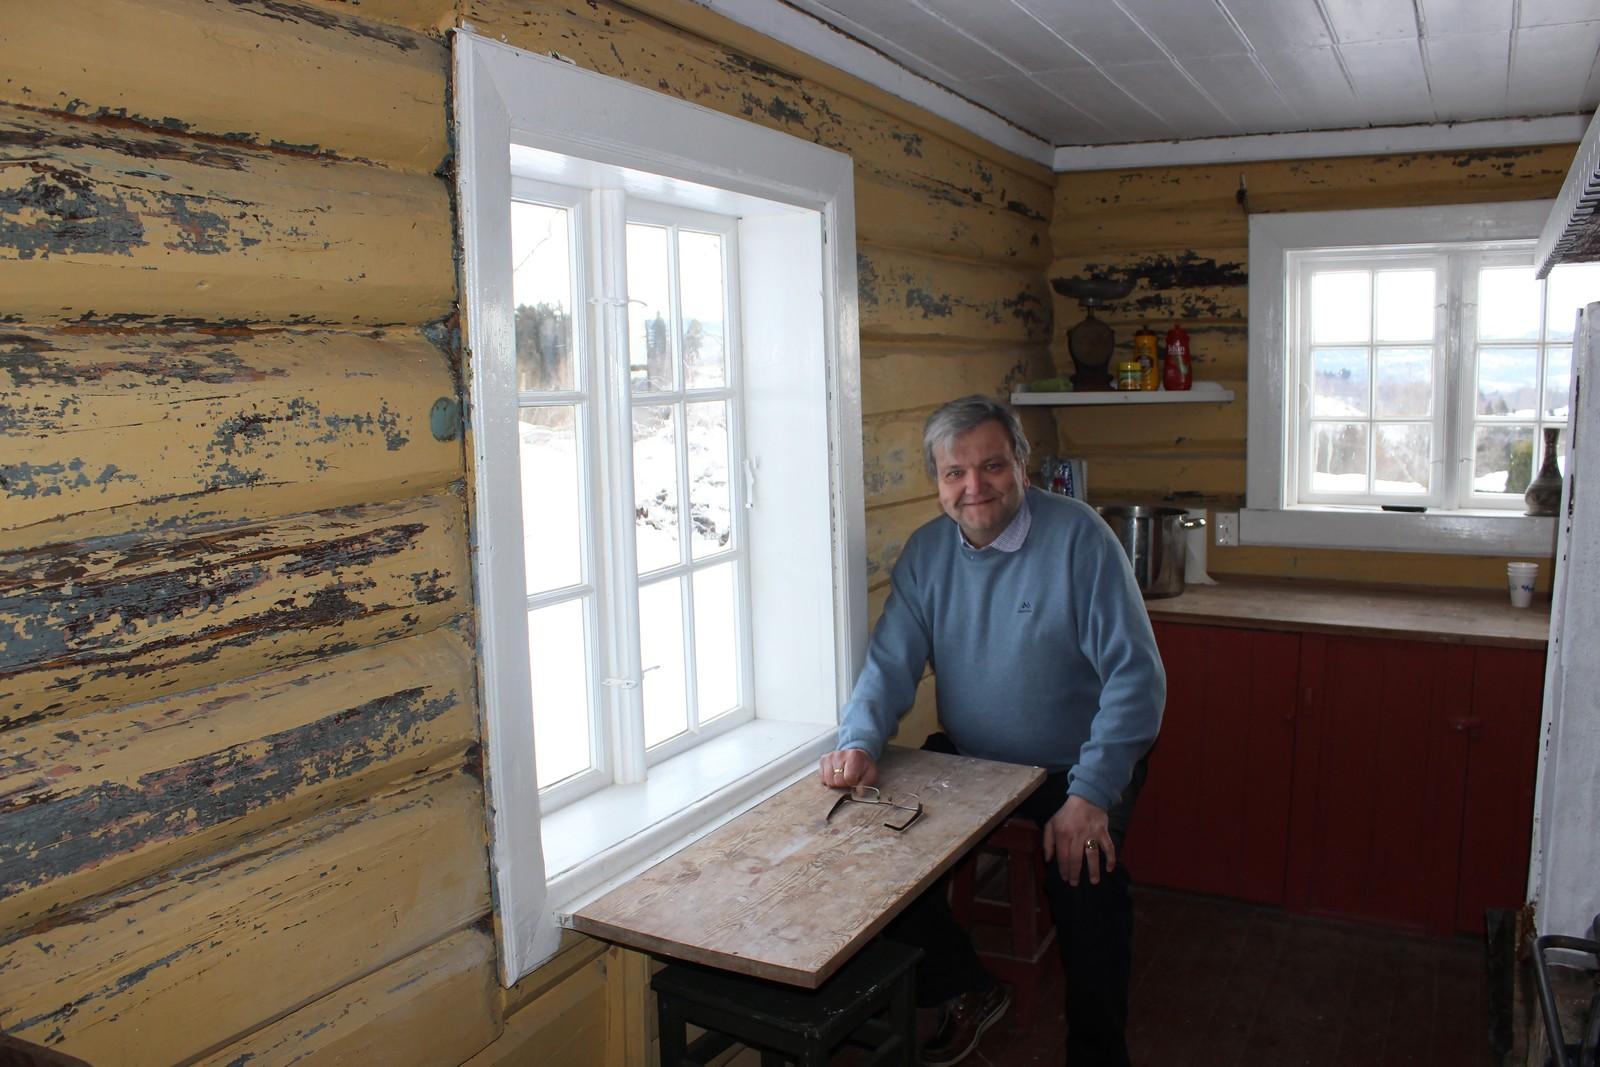 Fra kjøkkenbordet kan Knut Olaf Kals se ut over Thorleif Haugs lekegrind.